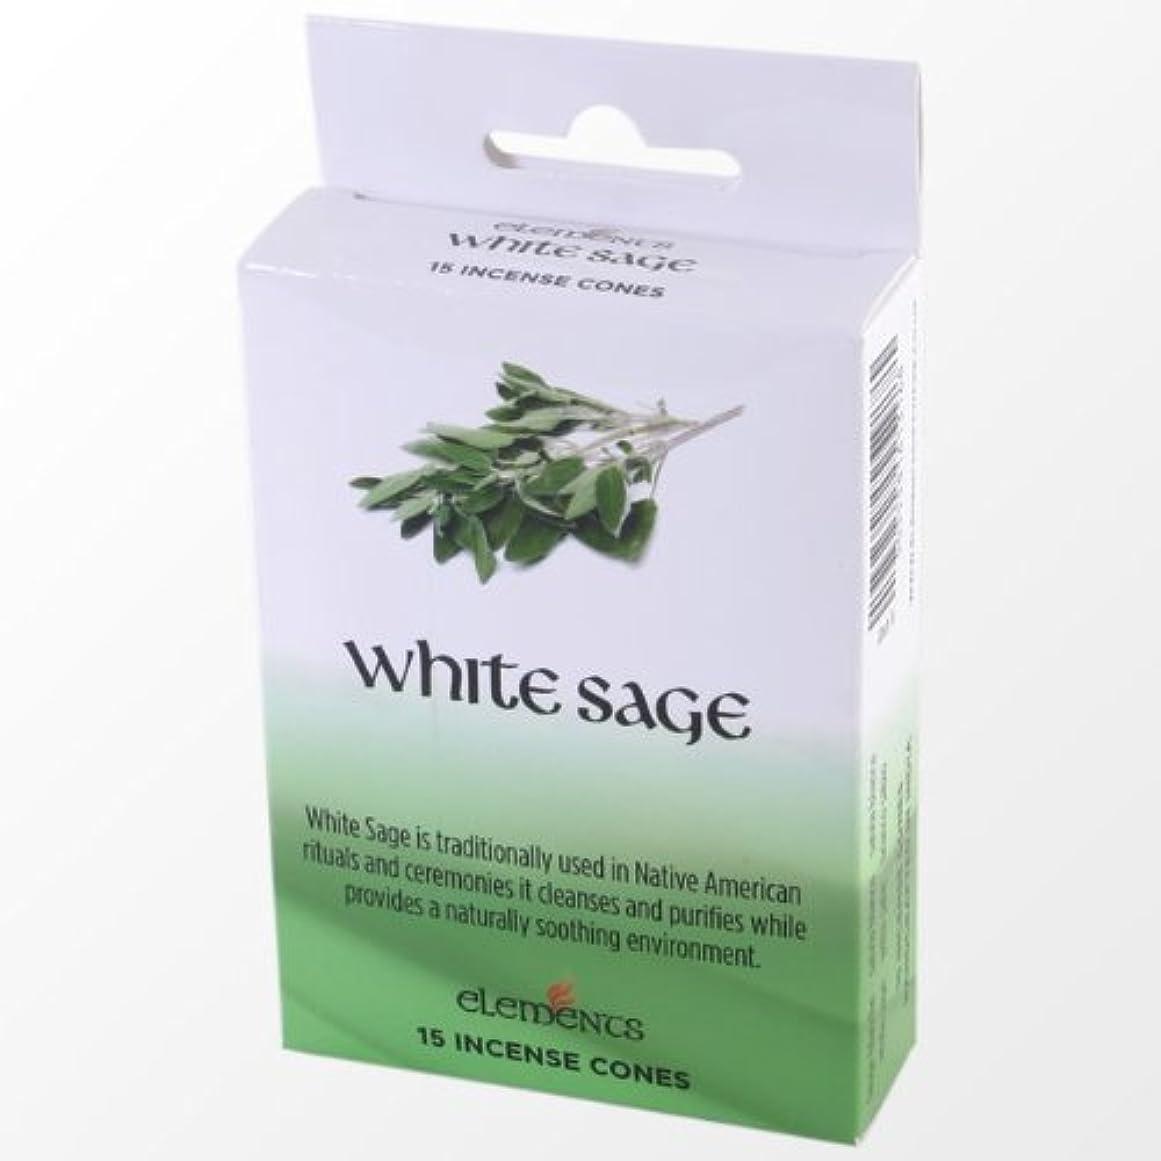 締めるステレオ先入観12 Packs Of Elements White Sage Incense Cones